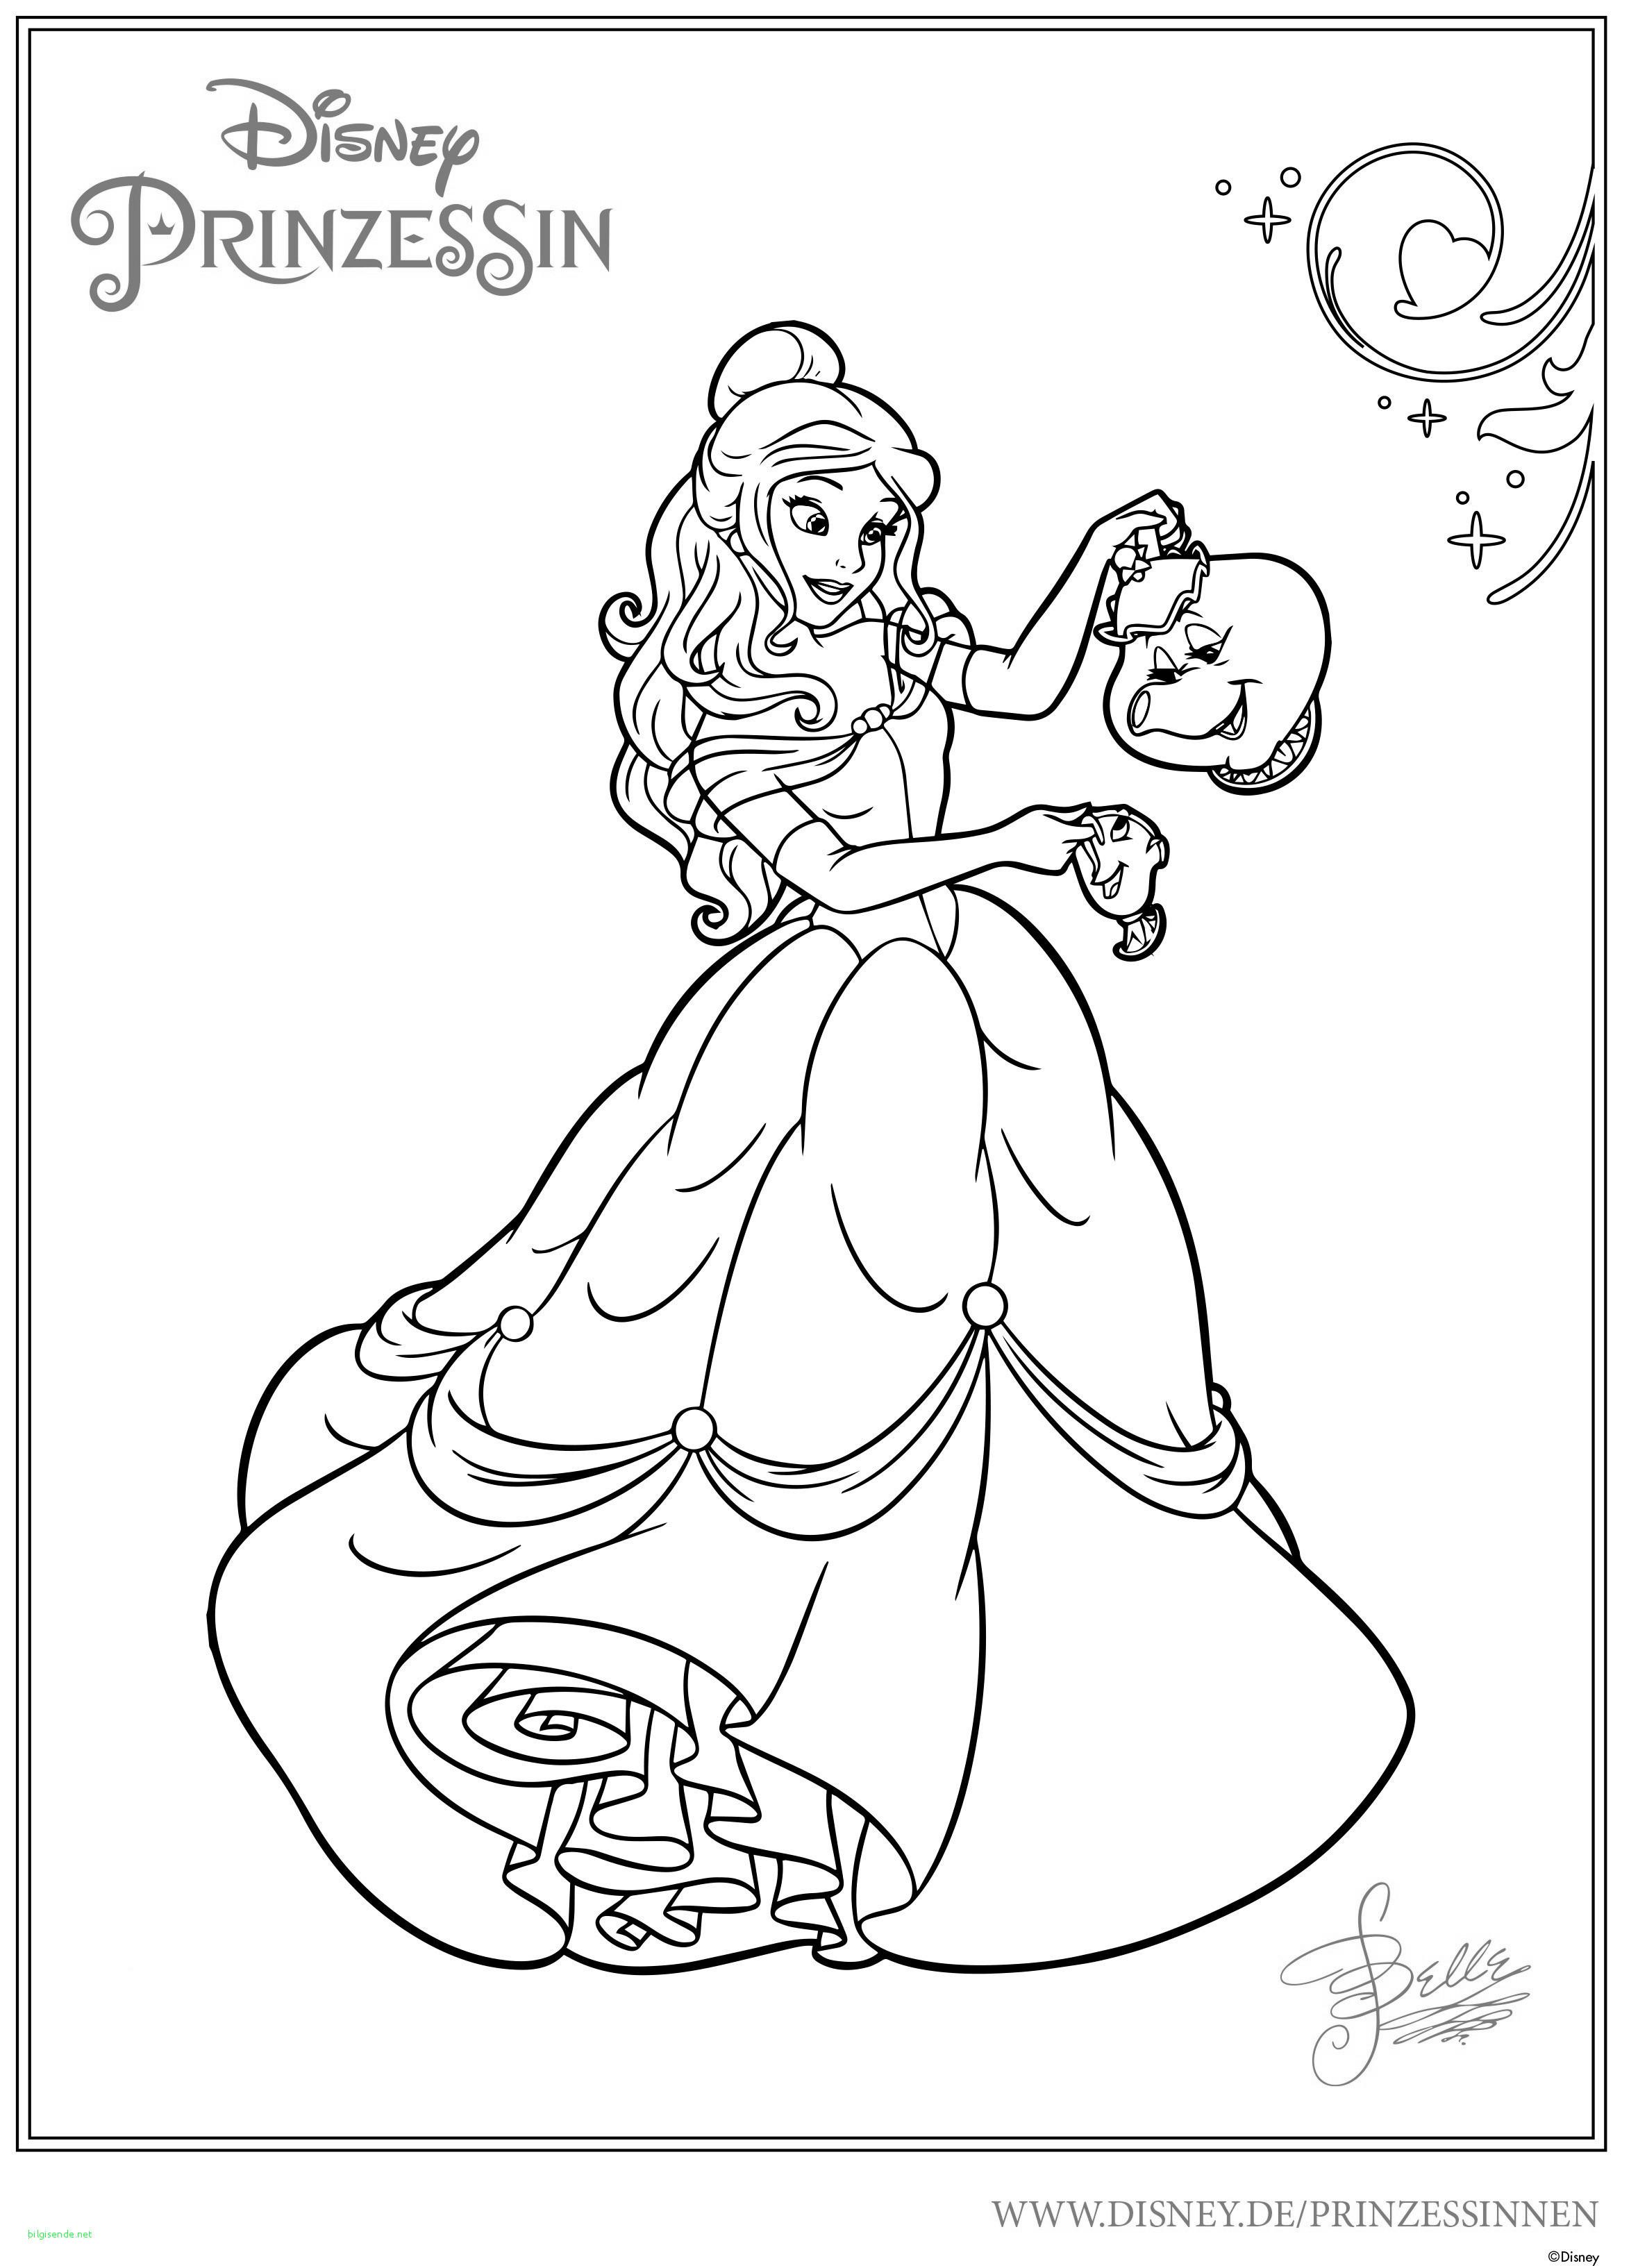 Ausmalbilder Weihnachten Engel Inspirierend Ausmalbilder Zum Ausdrucken Disney Prinzessin Luxus Awesome Frisch Das Bild